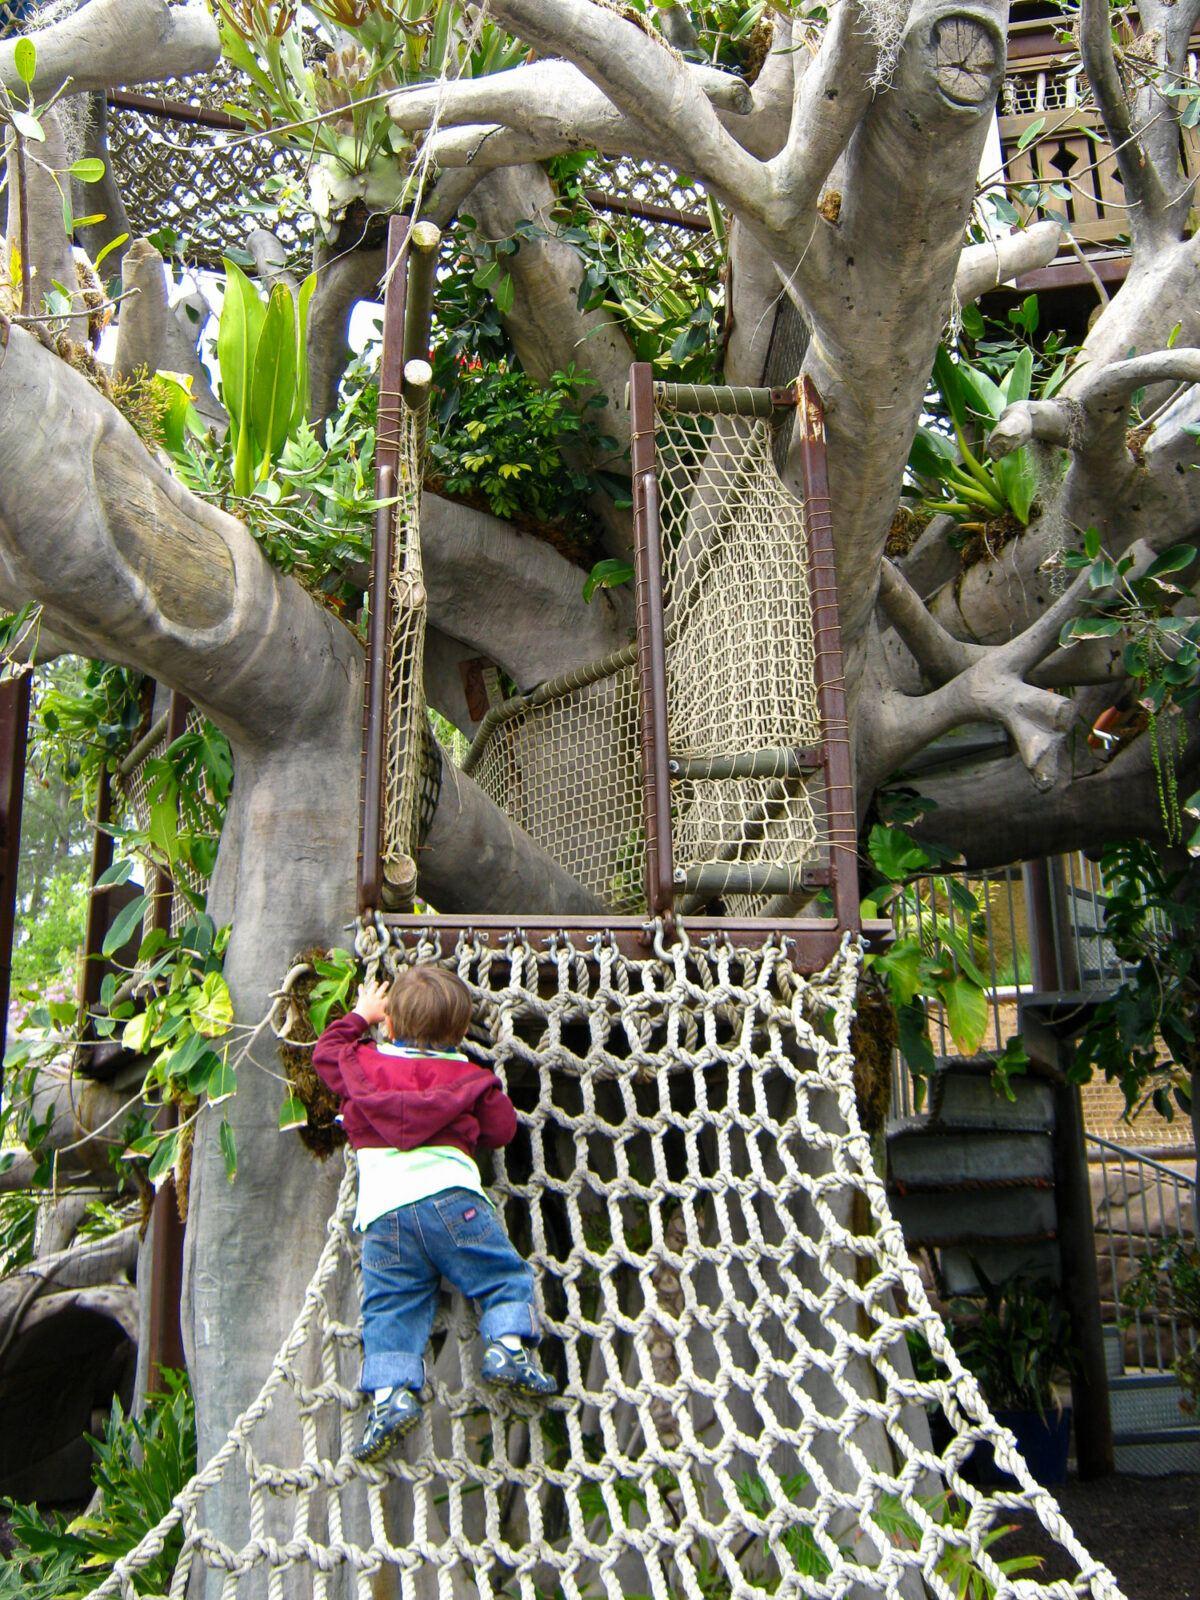 Toddler climbing Toni's Treehouse net ladder at San Diego Botanic Garden